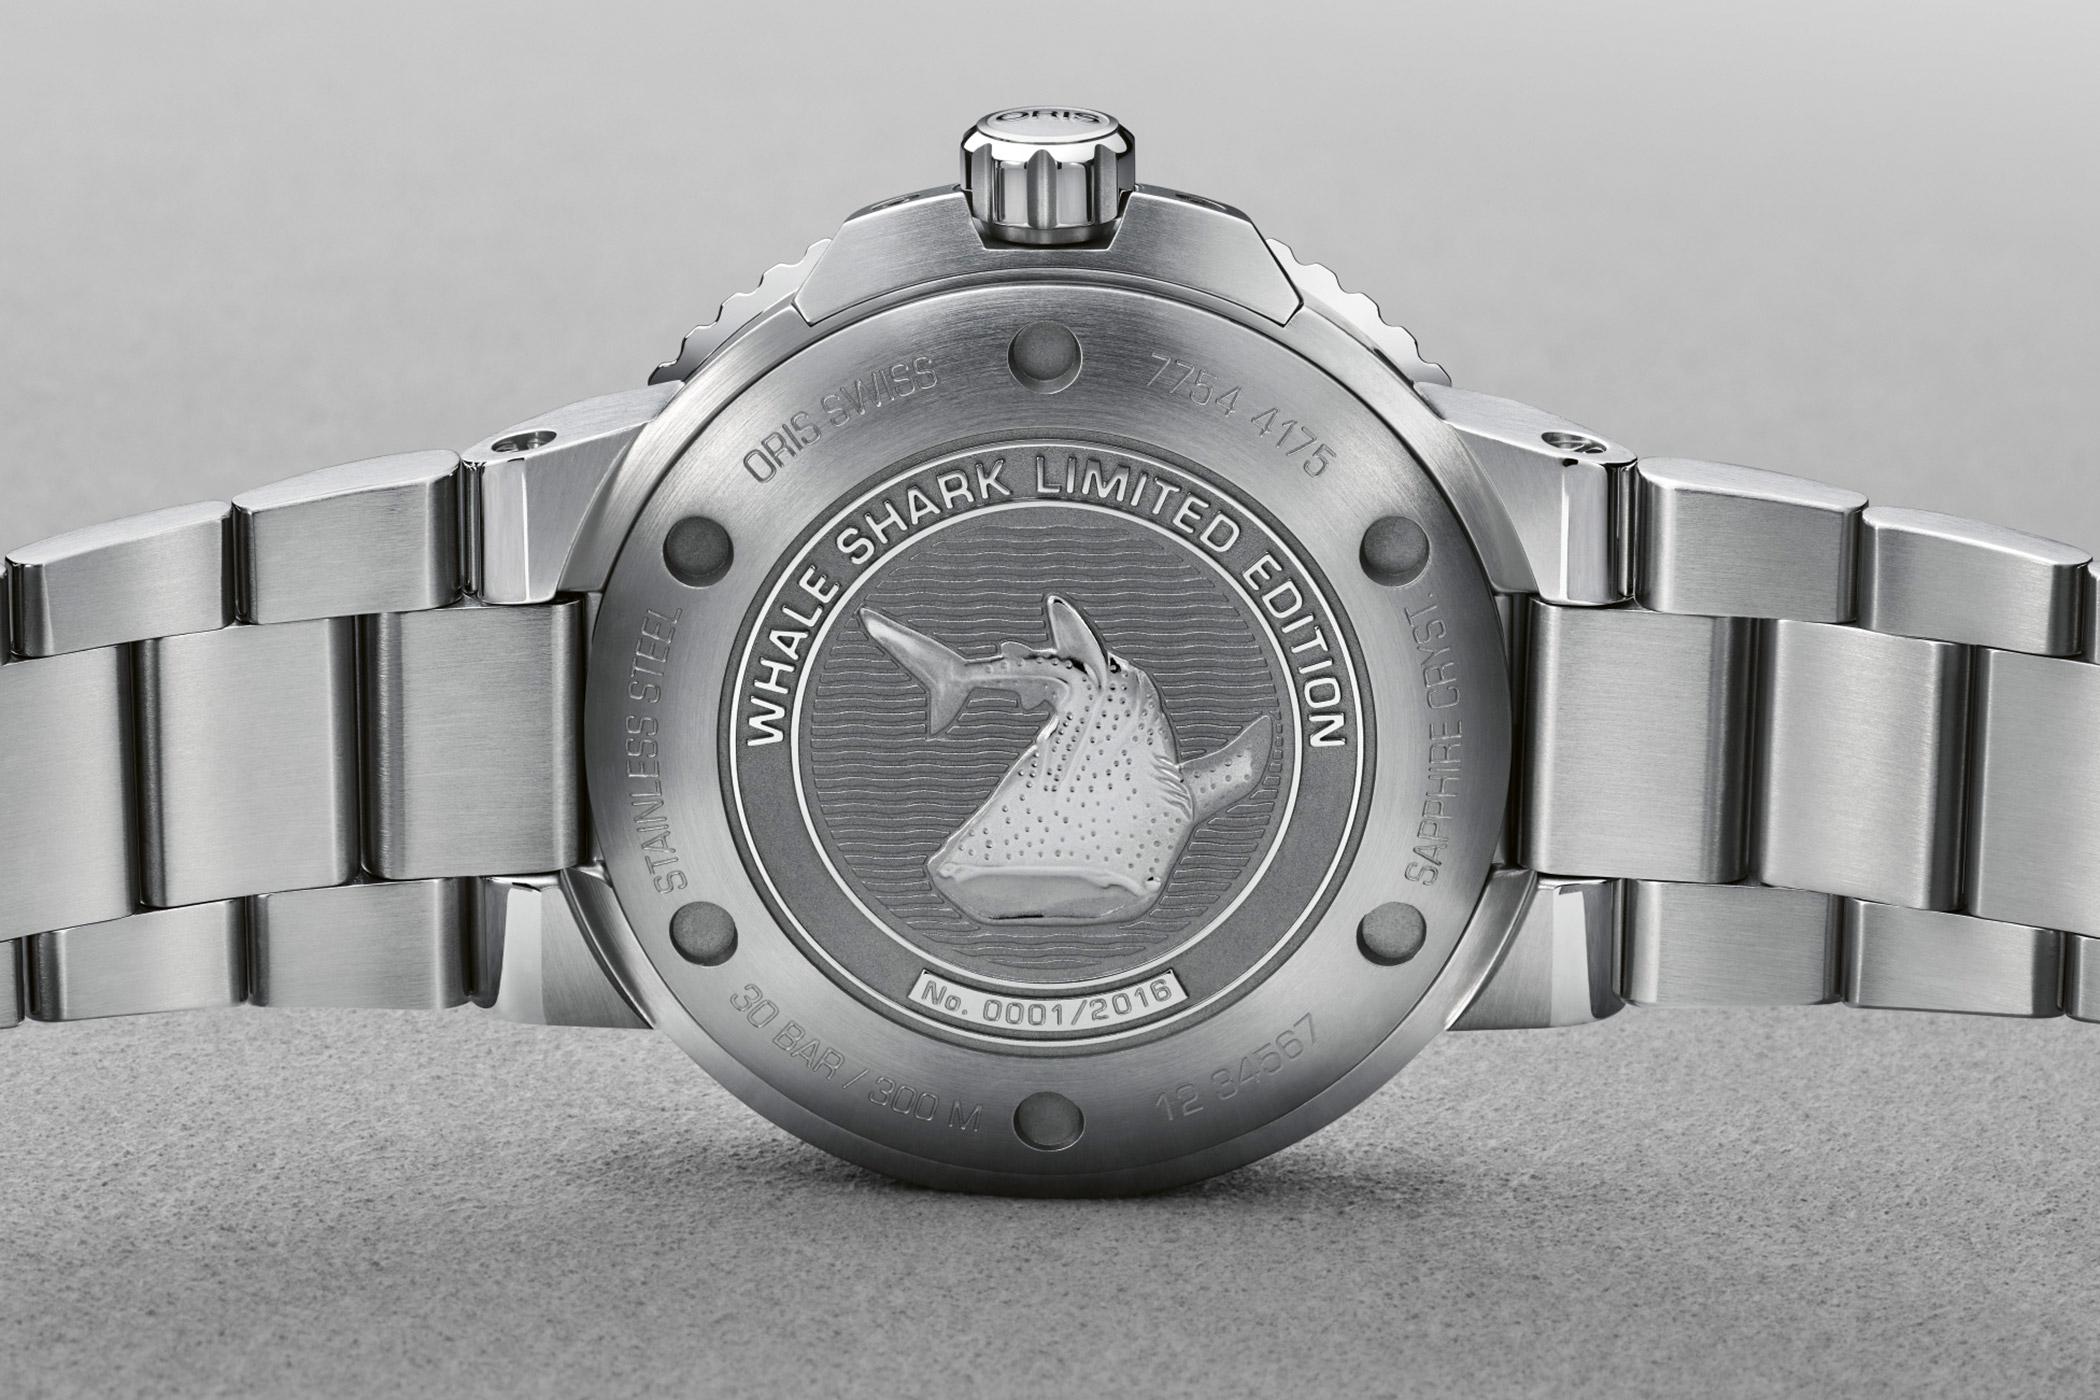 Oris-Aquis-GMT-Date-Whale-Shark-Swisswatches.jpg